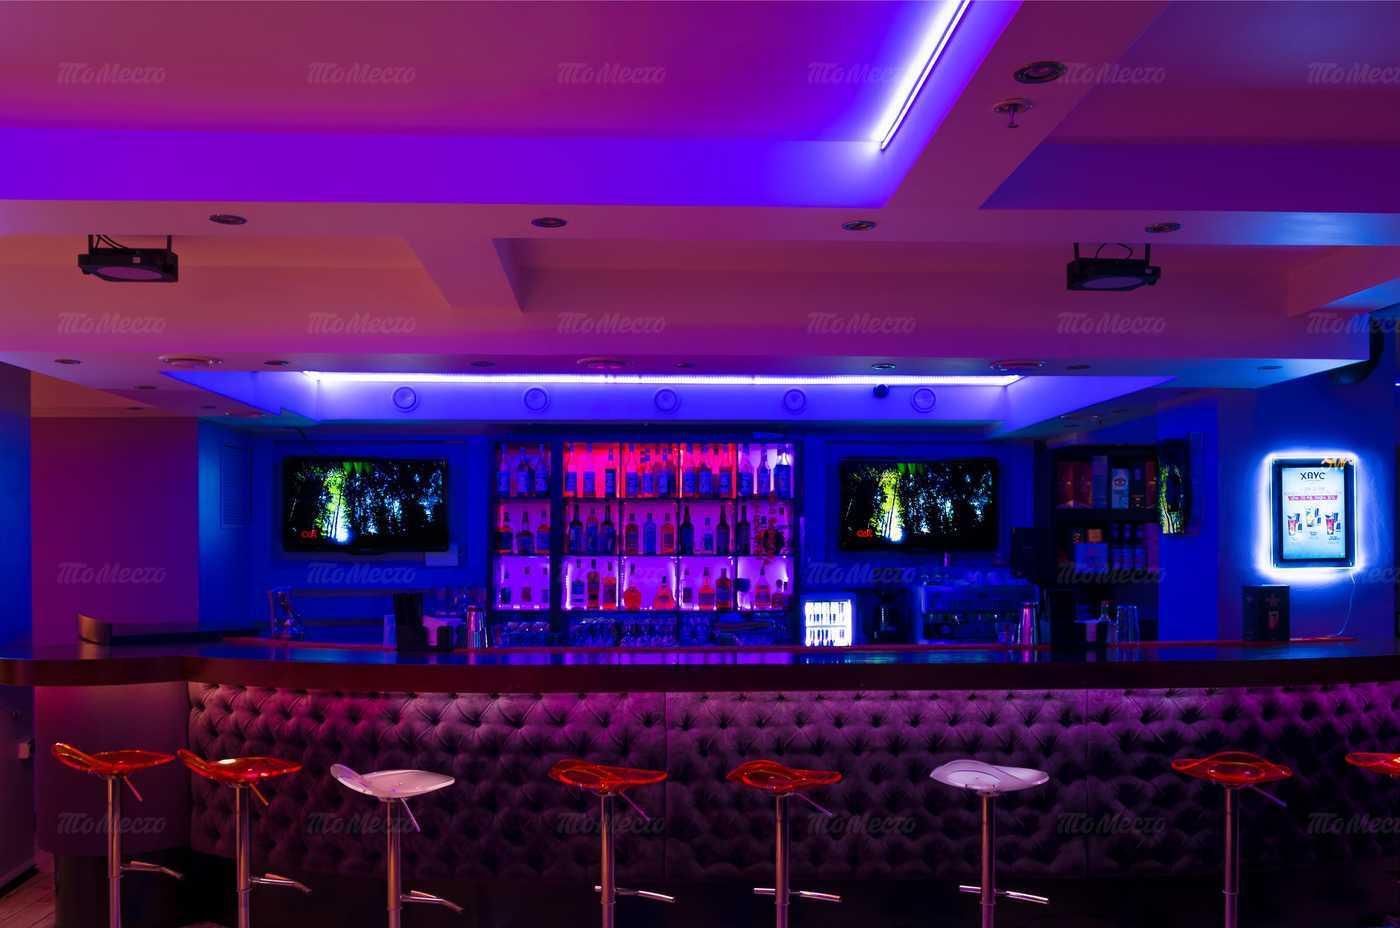 Караоке клуб Хаус на проспекте Энгельса фото 4